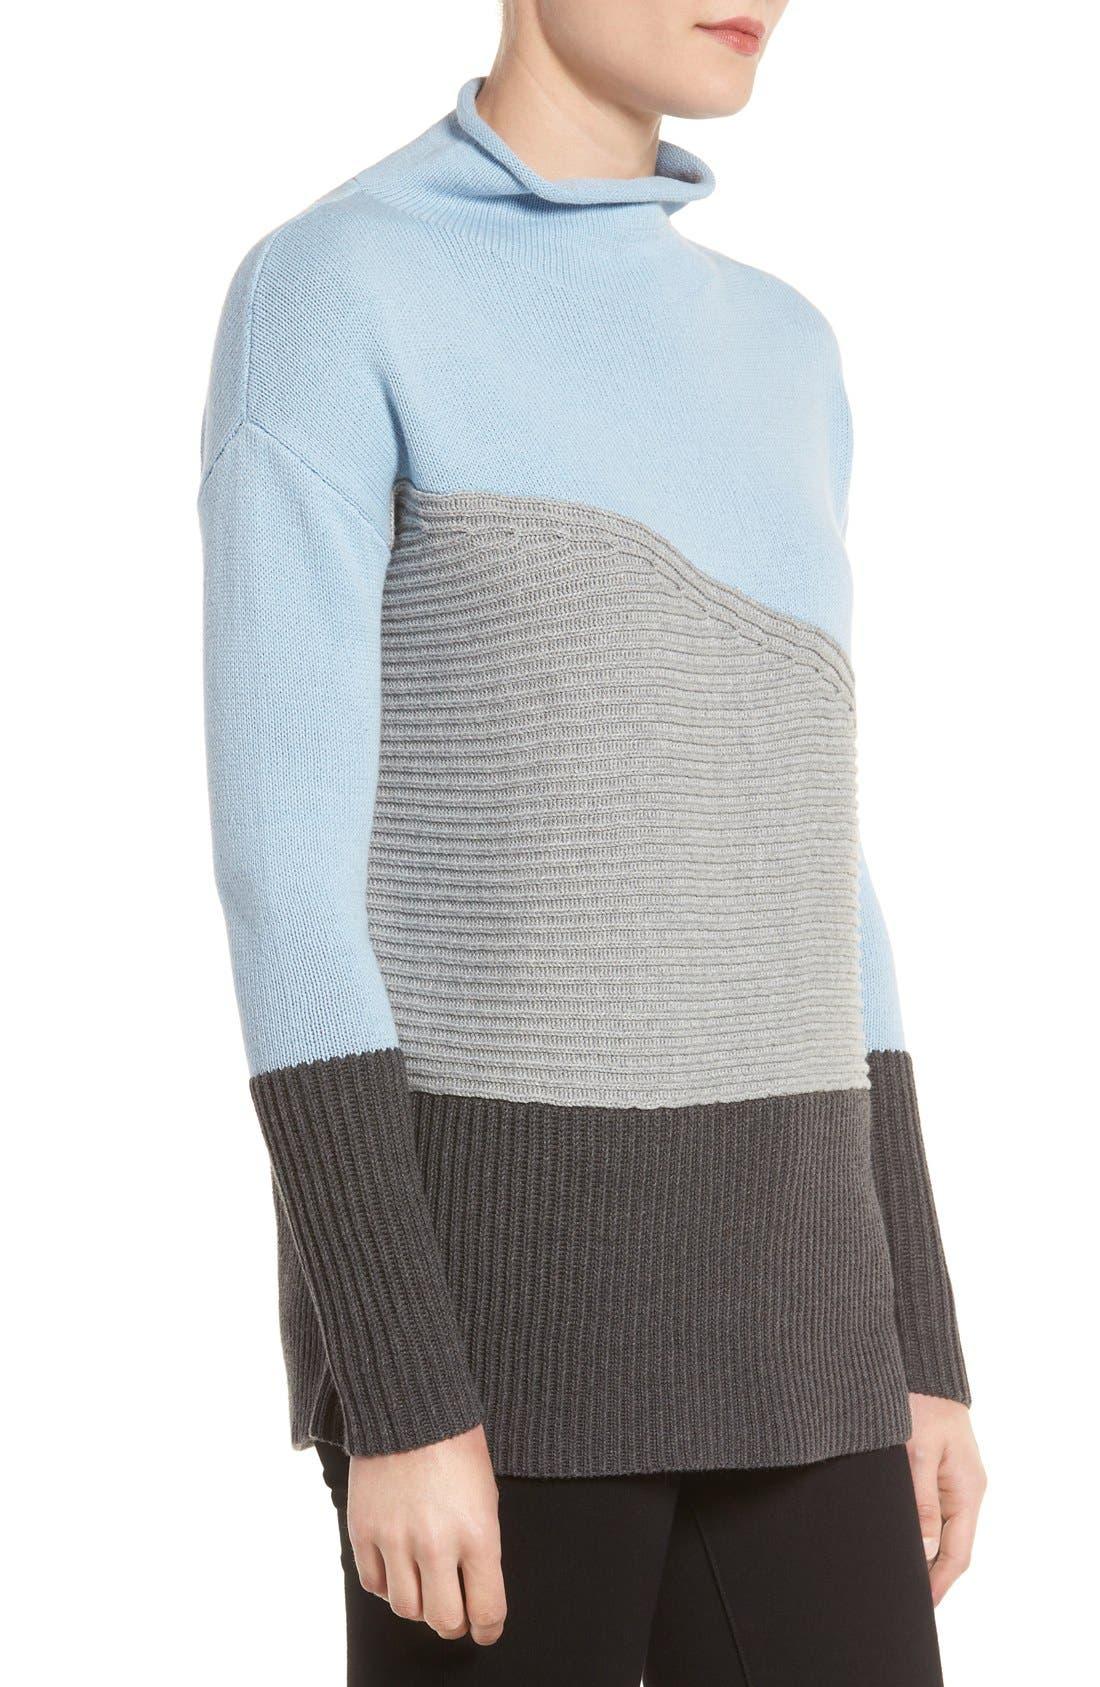 Alternate Image 3  - Vince Camuto Colorblock Turtleneck Sweater (Regular & Petite)